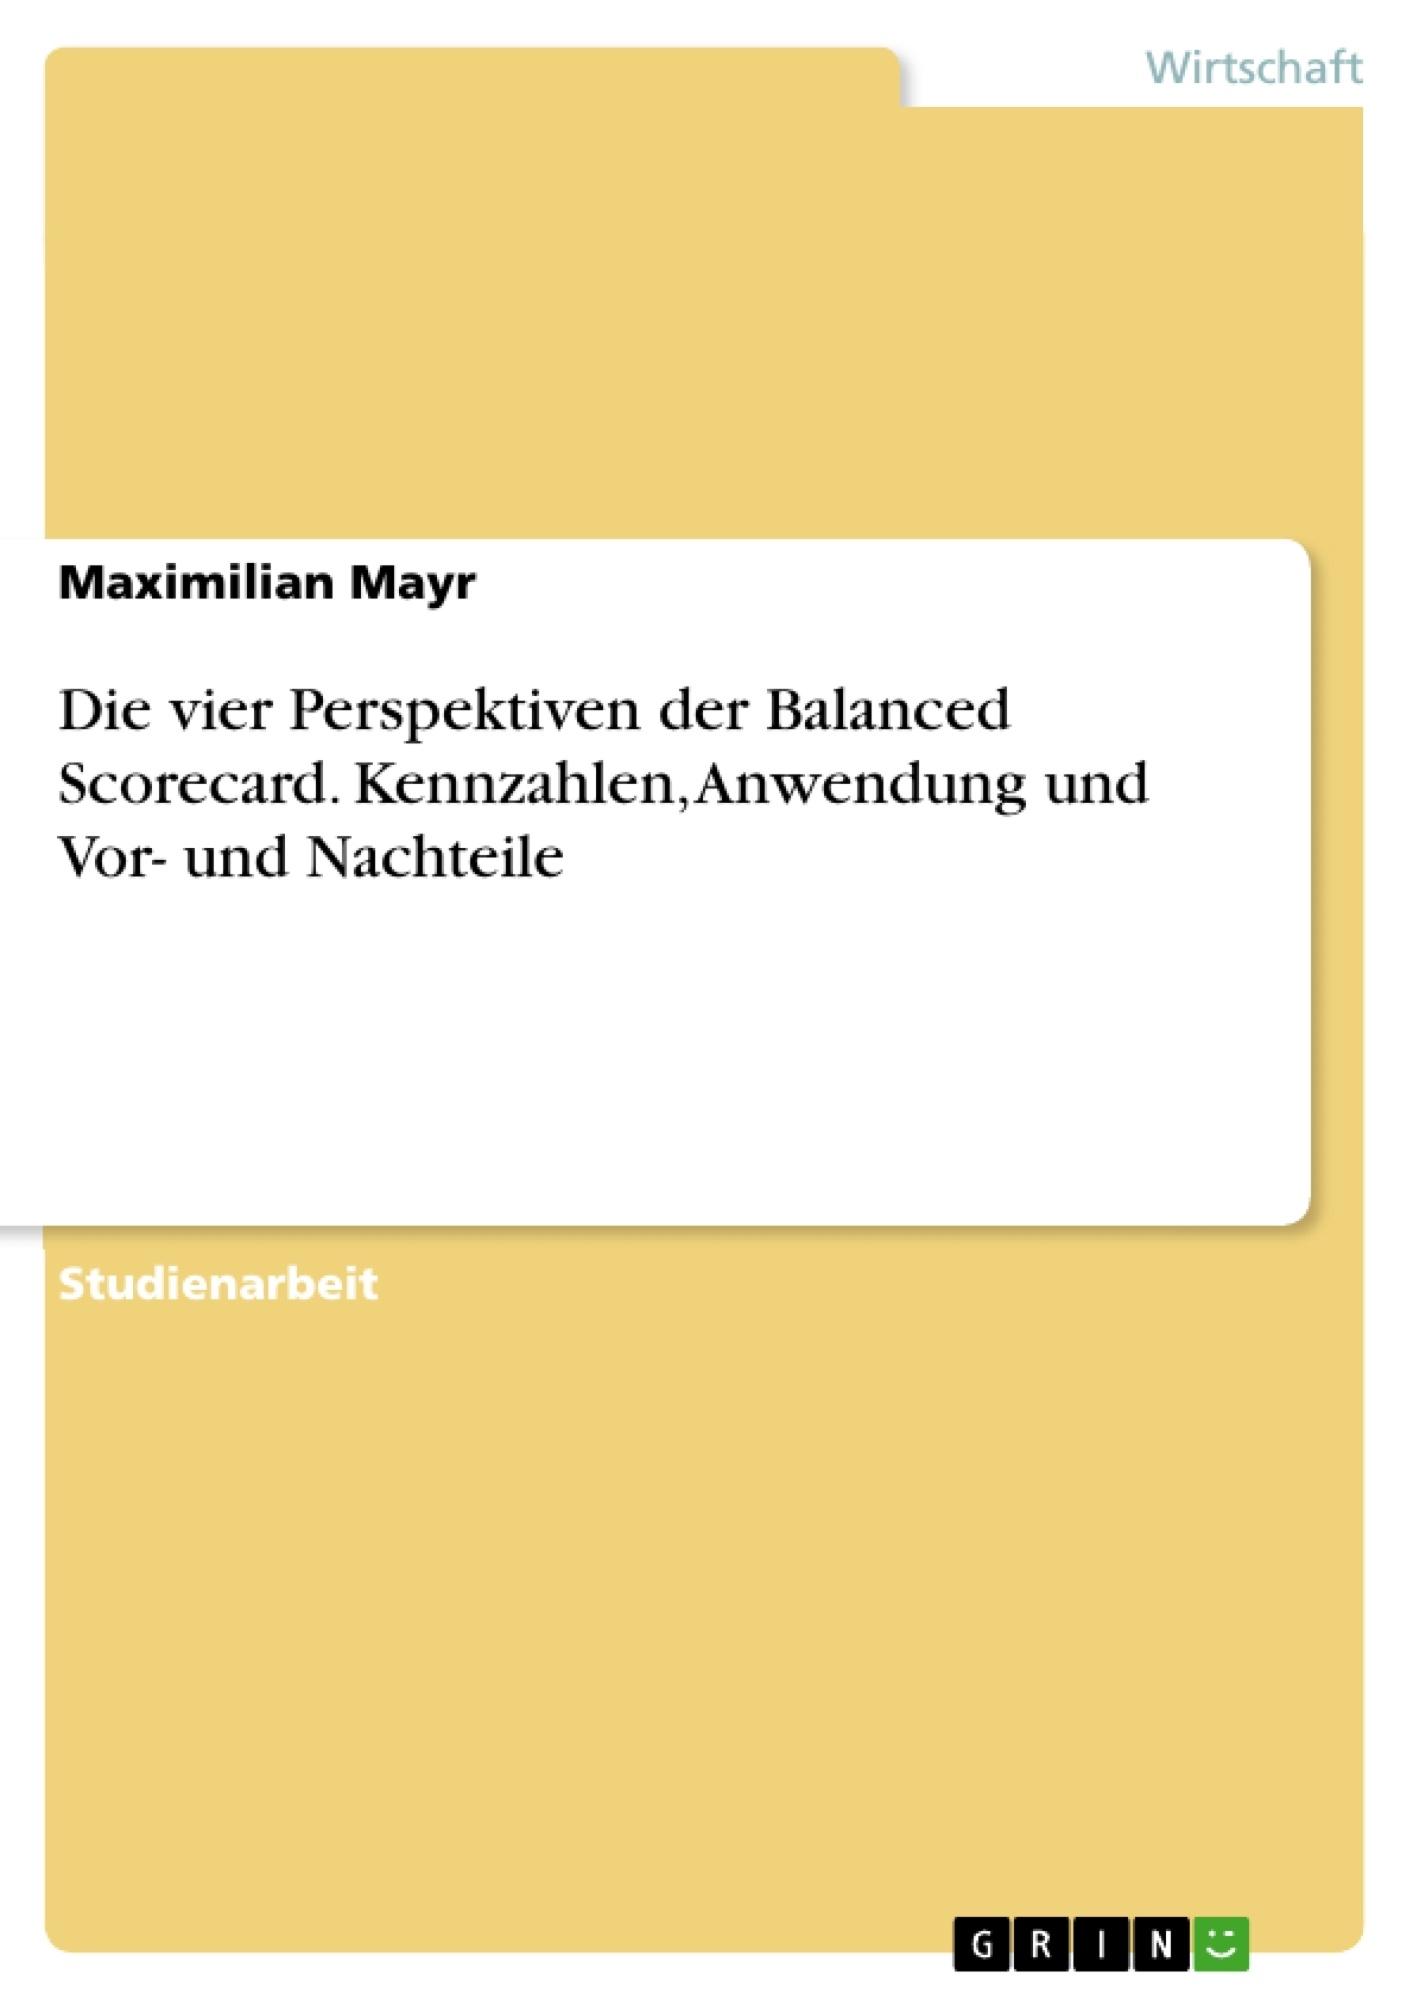 Titel: Die vier Perspektiven der Balanced Scorecard. Kennzahlen, Anwendung und Vor- und Nachteile